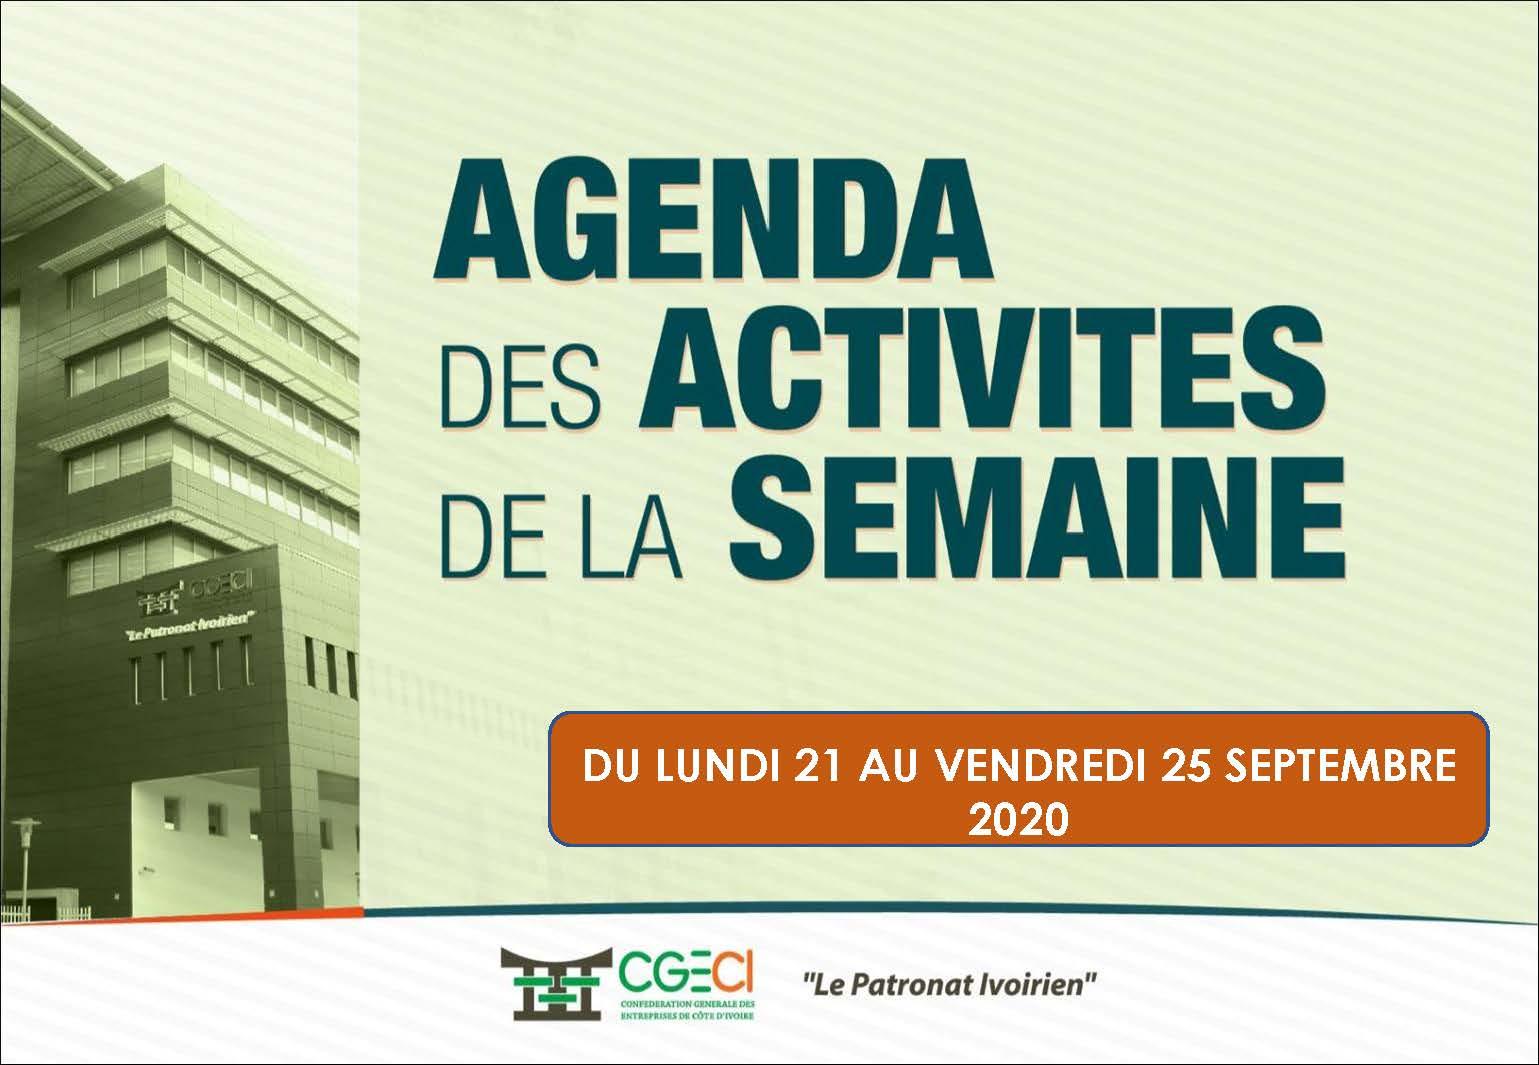 AGENDA DE LA SEMAINE DU 21 AU 25 SEPTEMBRE 2020